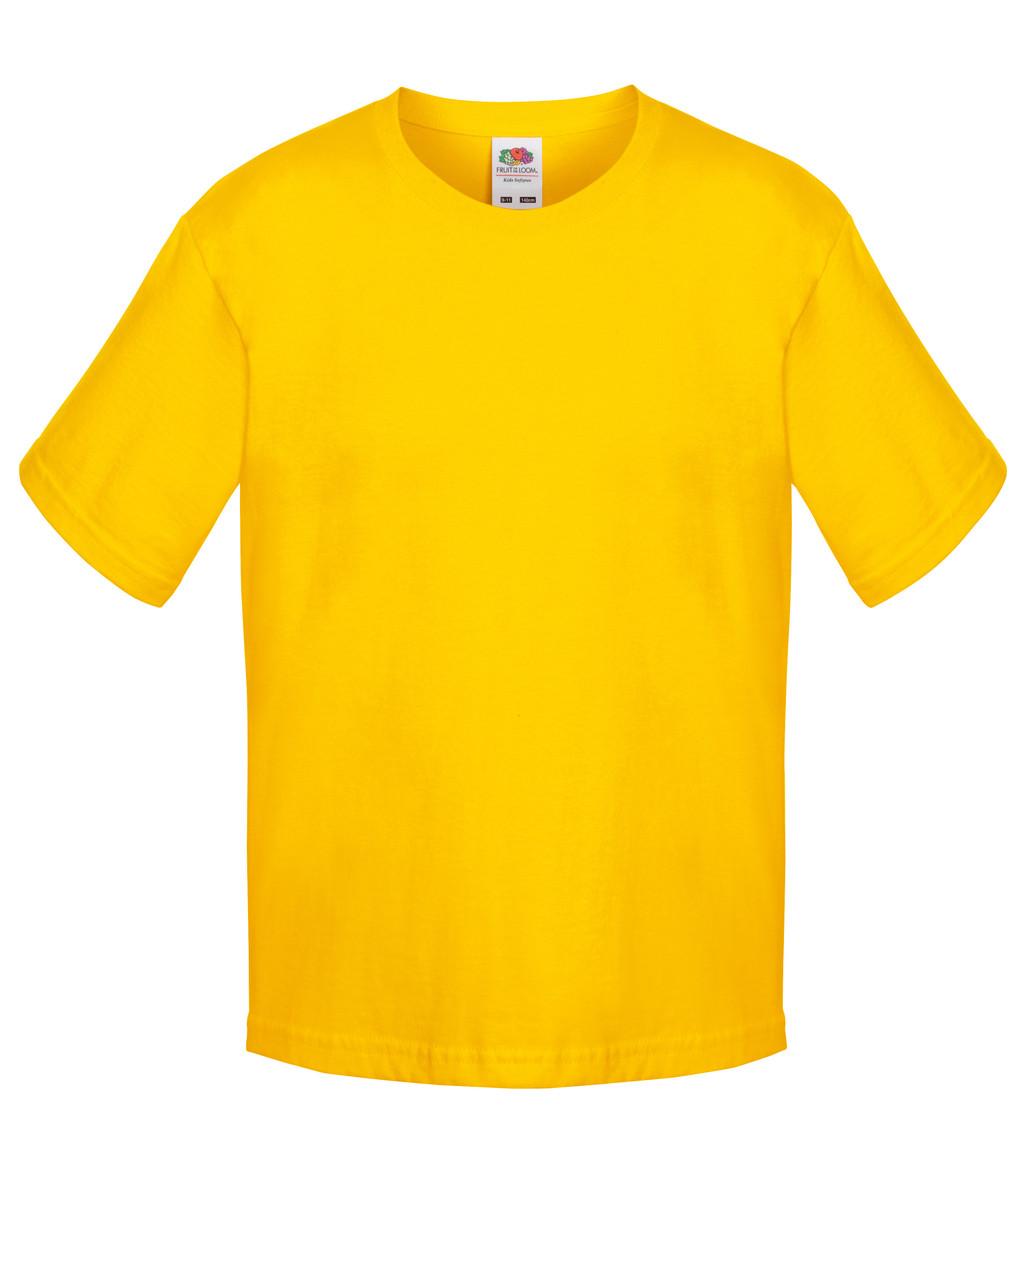 Детская футболка Мягкая для Мальчиков Солнечно-жёлтая Fruit of the loom 61-015-34 5-6